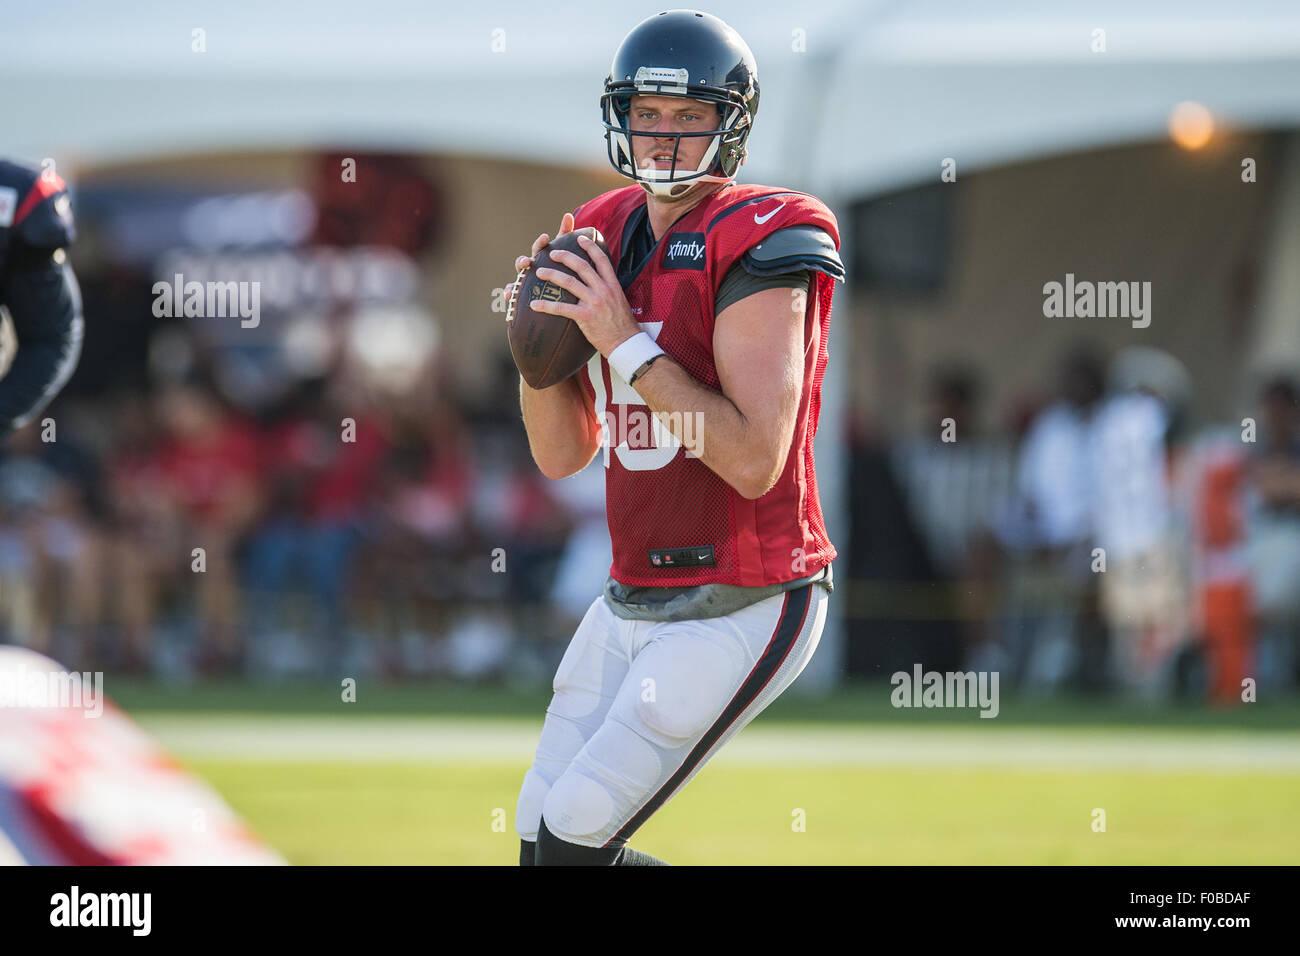 Houston, Texas, USA. 11th Aug, 2015. Houston Texans quarterback Ryan